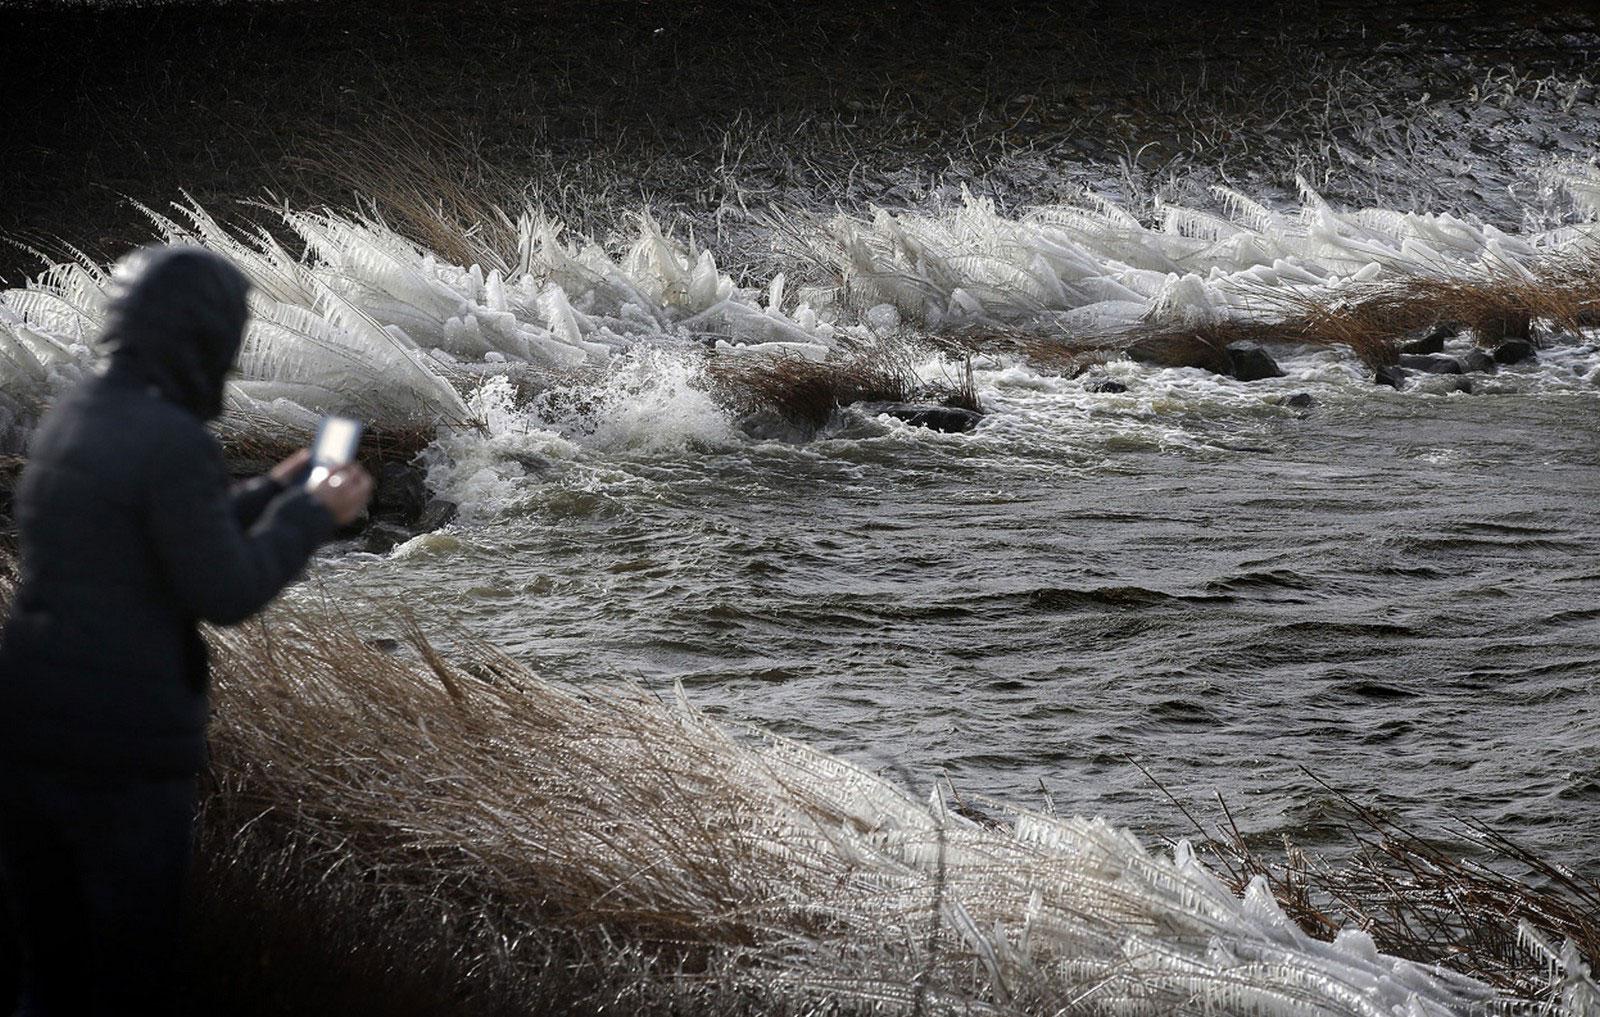 замерзшая трава у воды